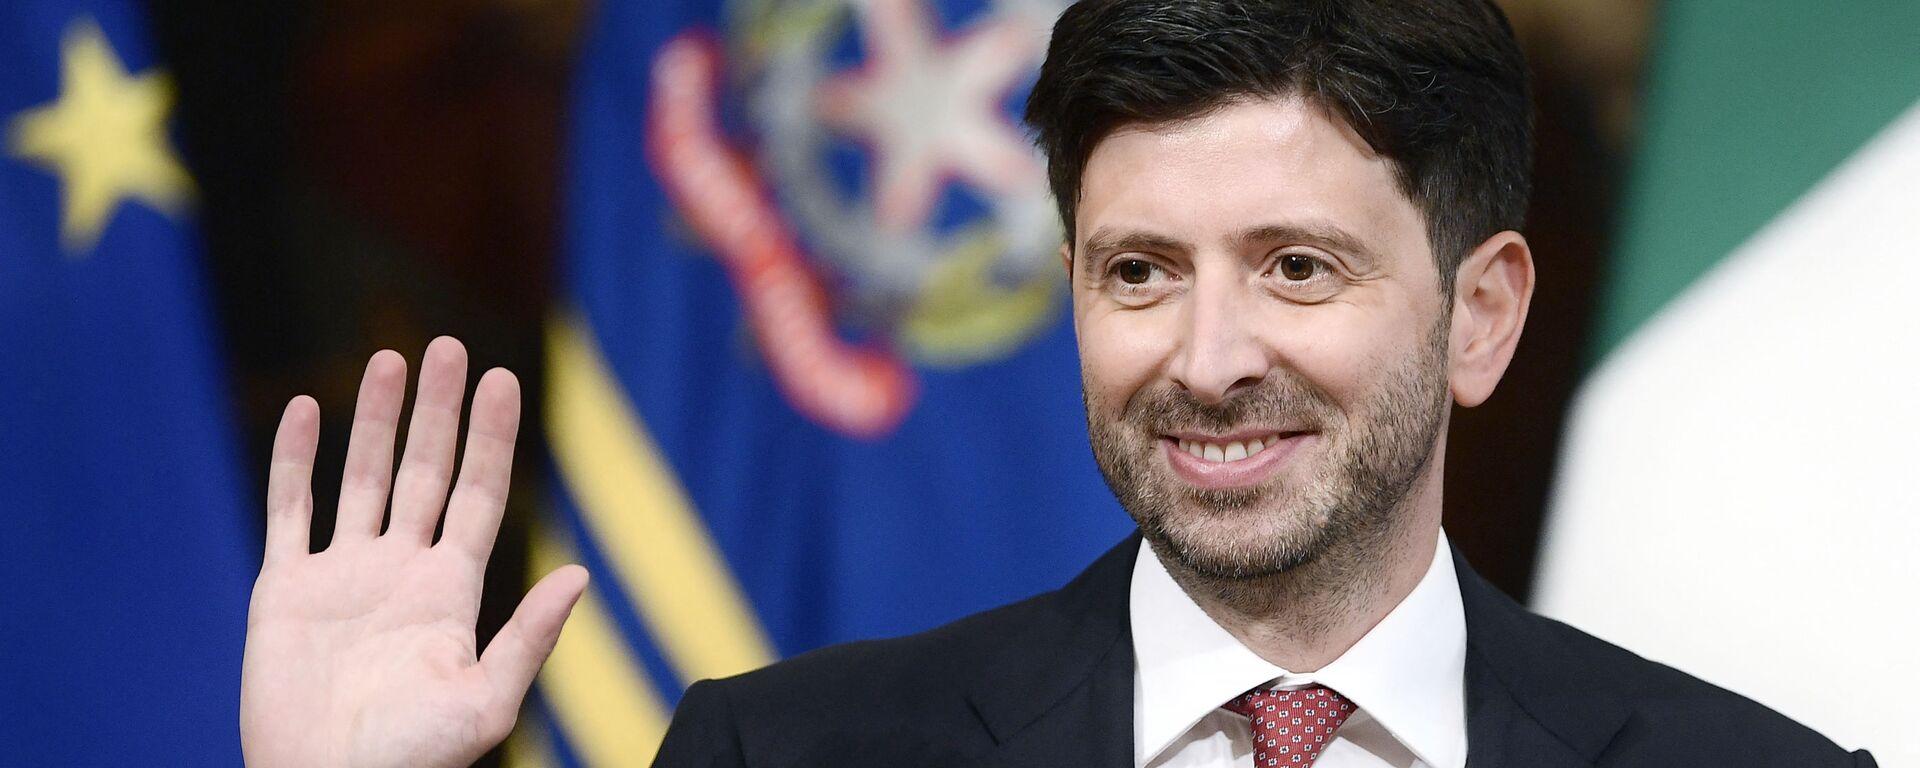 Roberto Speranza, ministro della Salute - Sputnik Italia, 1920, 21.03.2021